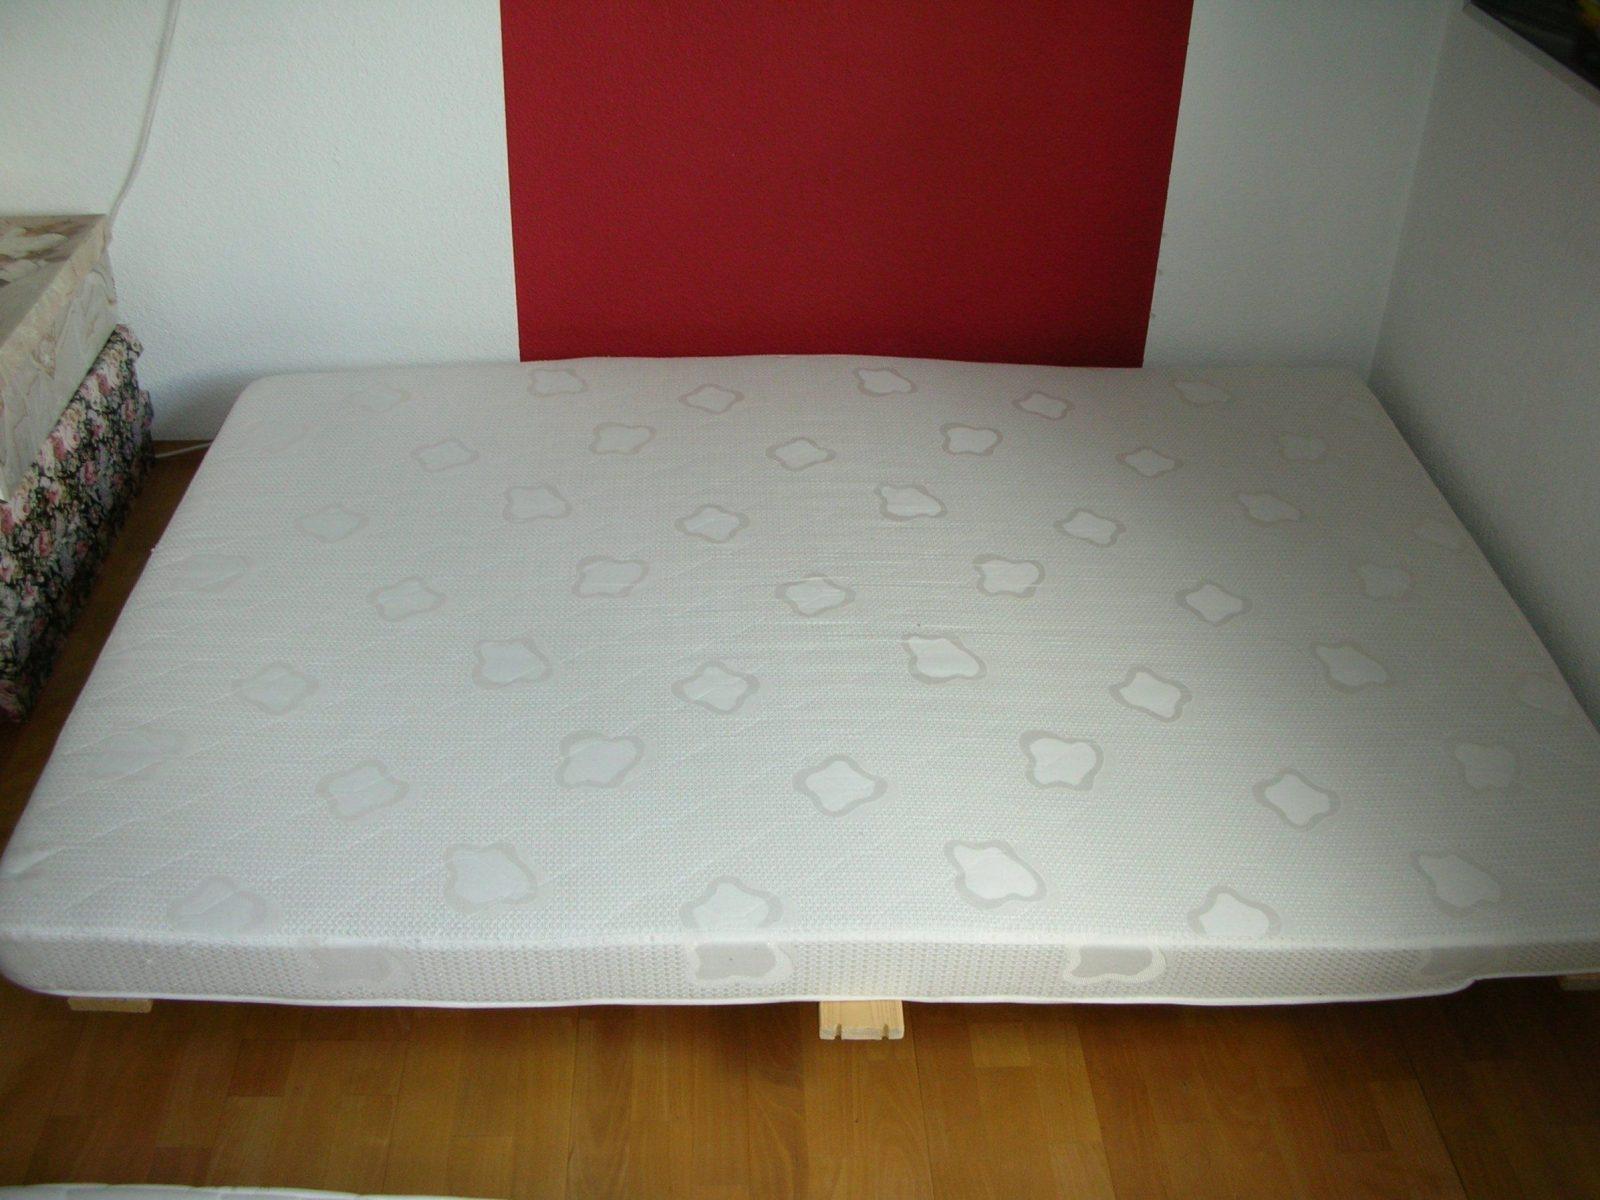 matratze wohnwagen abgeschr gt elegant rund um matratze. Black Bedroom Furniture Sets. Home Design Ideas